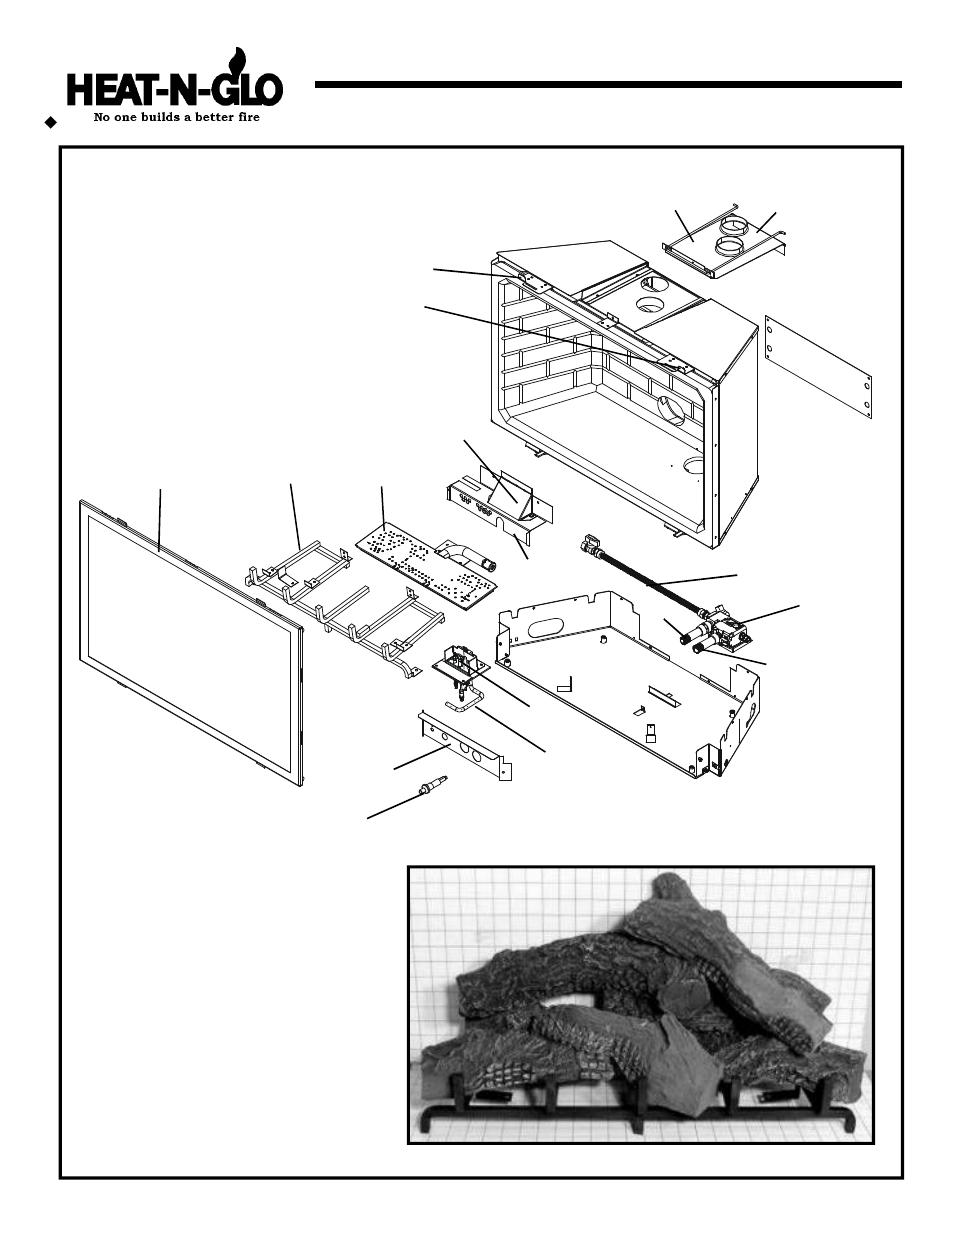 Service parts list, Service parts, Fb-grand, cfx-grand-b